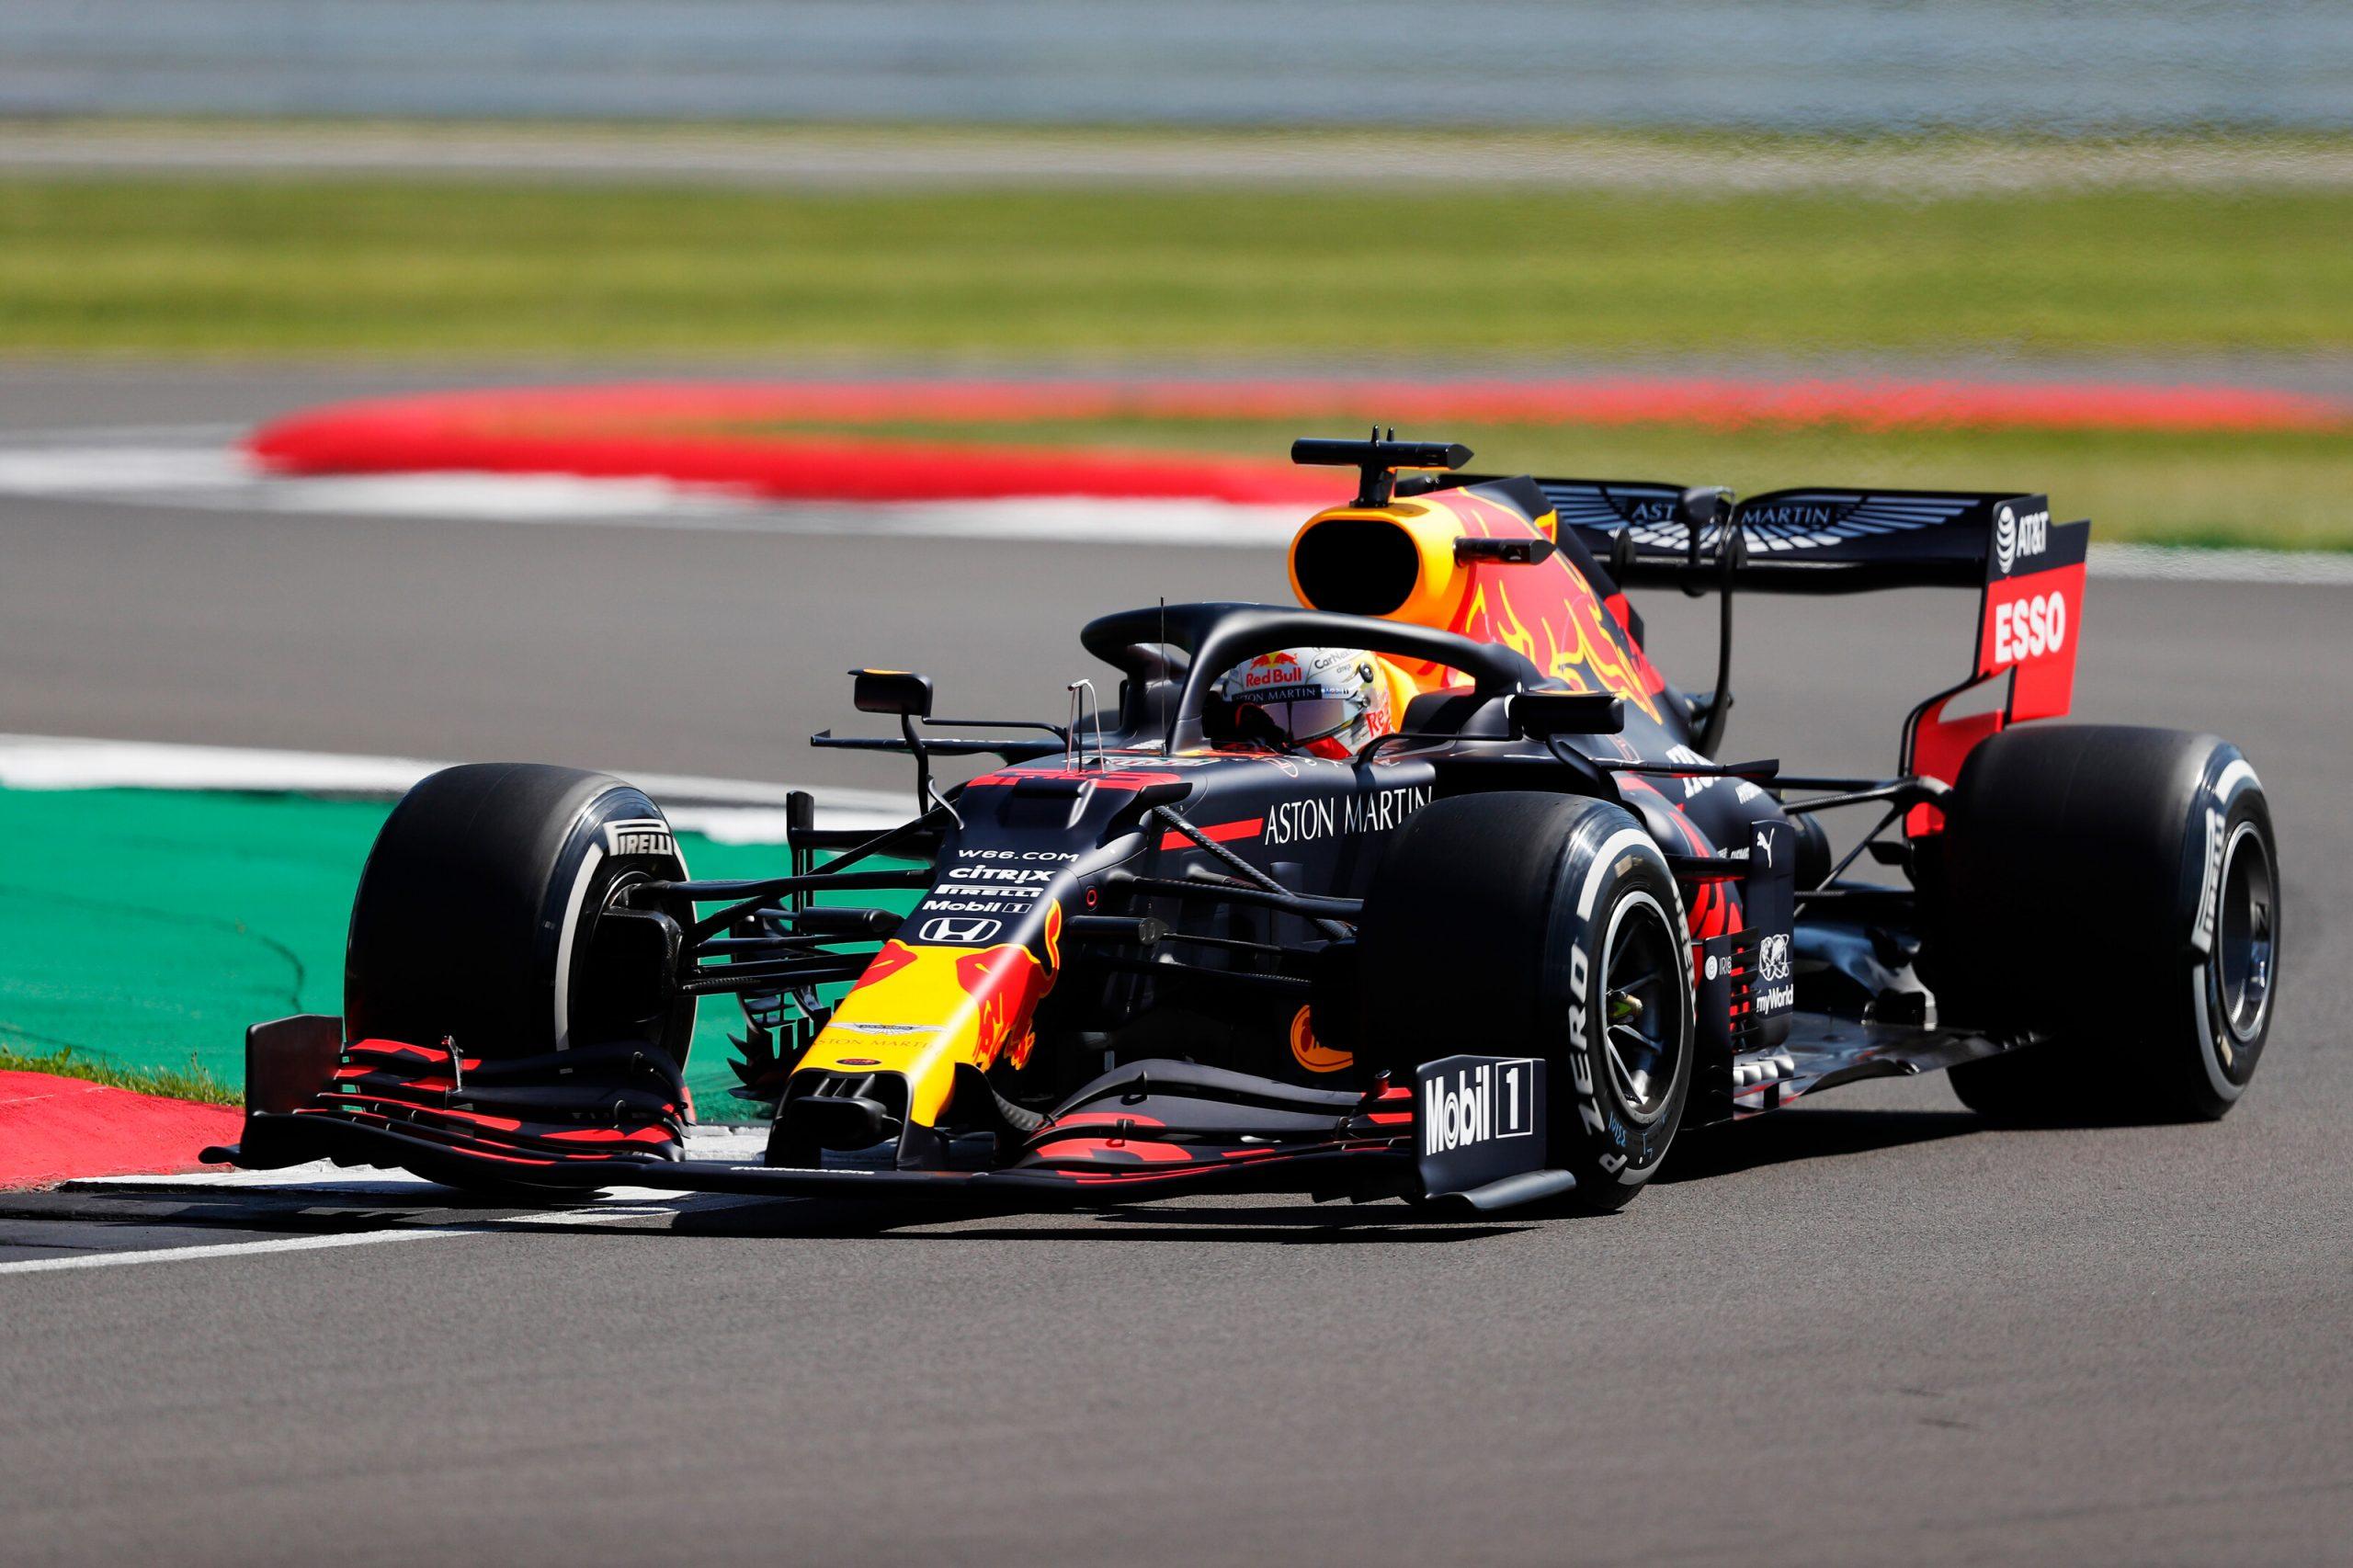 1e vrije training van de GP van Groot-Brittannië 2020